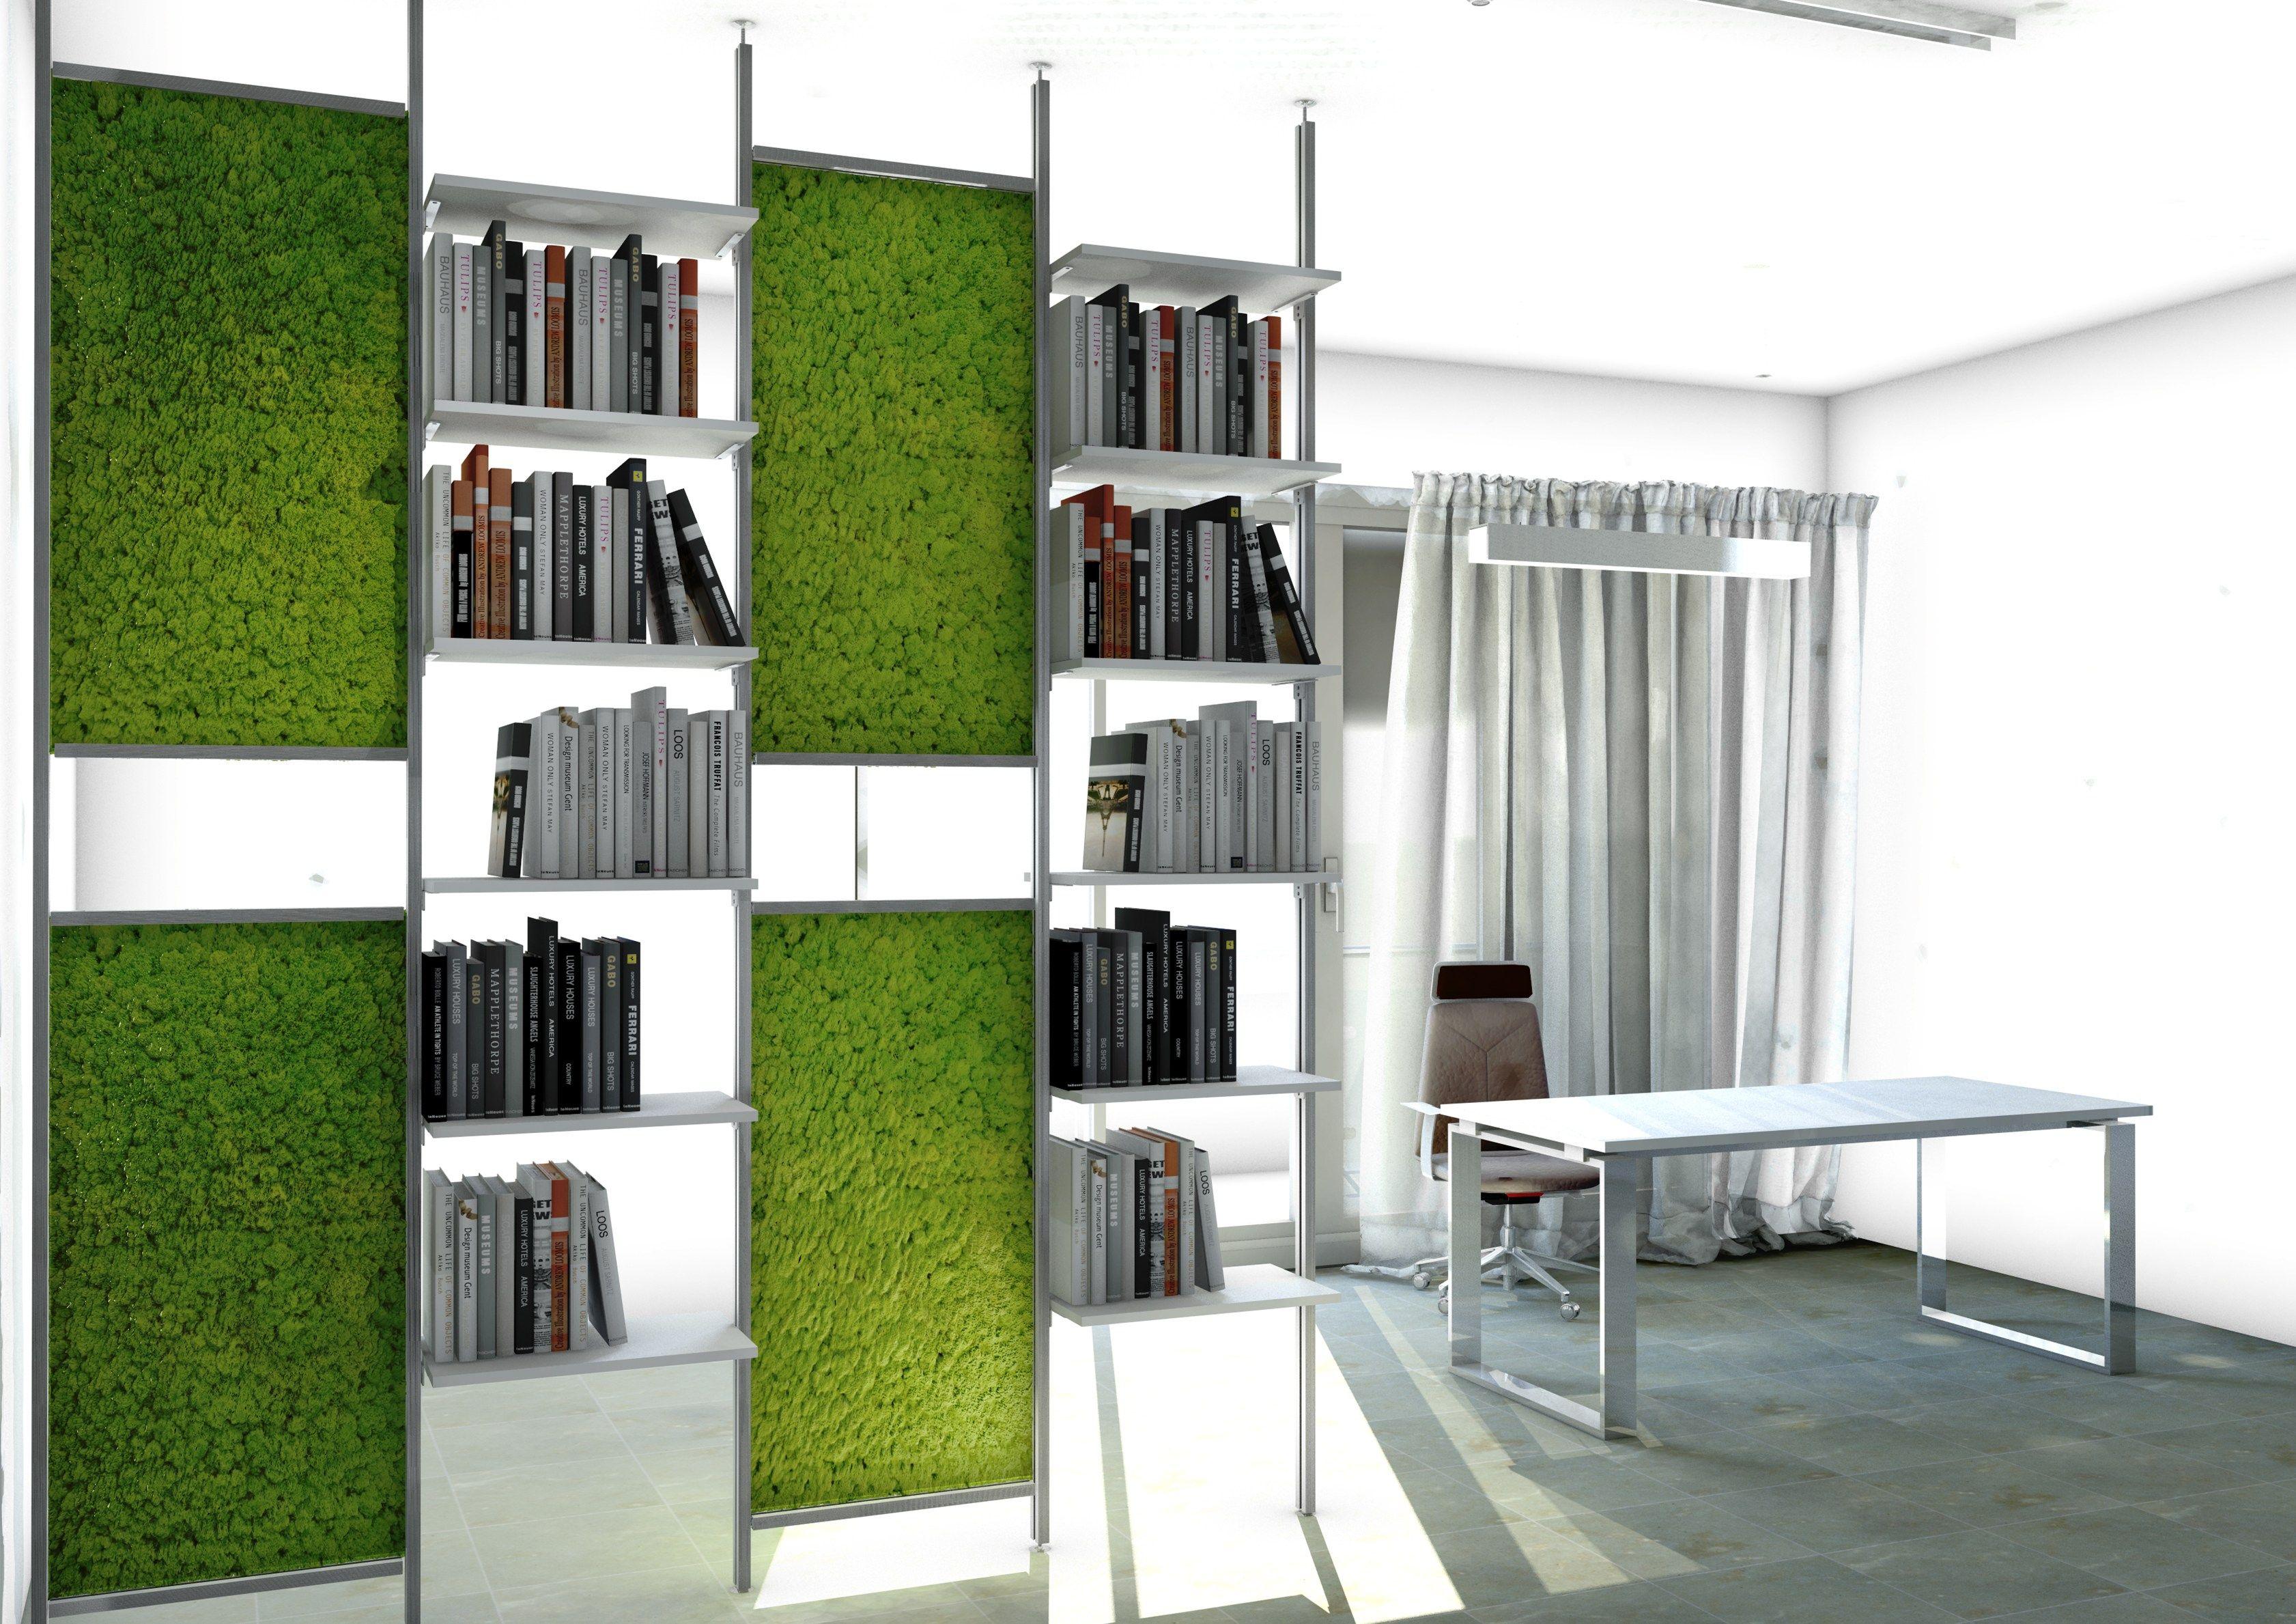 Pannelli decorativi in lichene by studio t - Pannelli decorativi ...